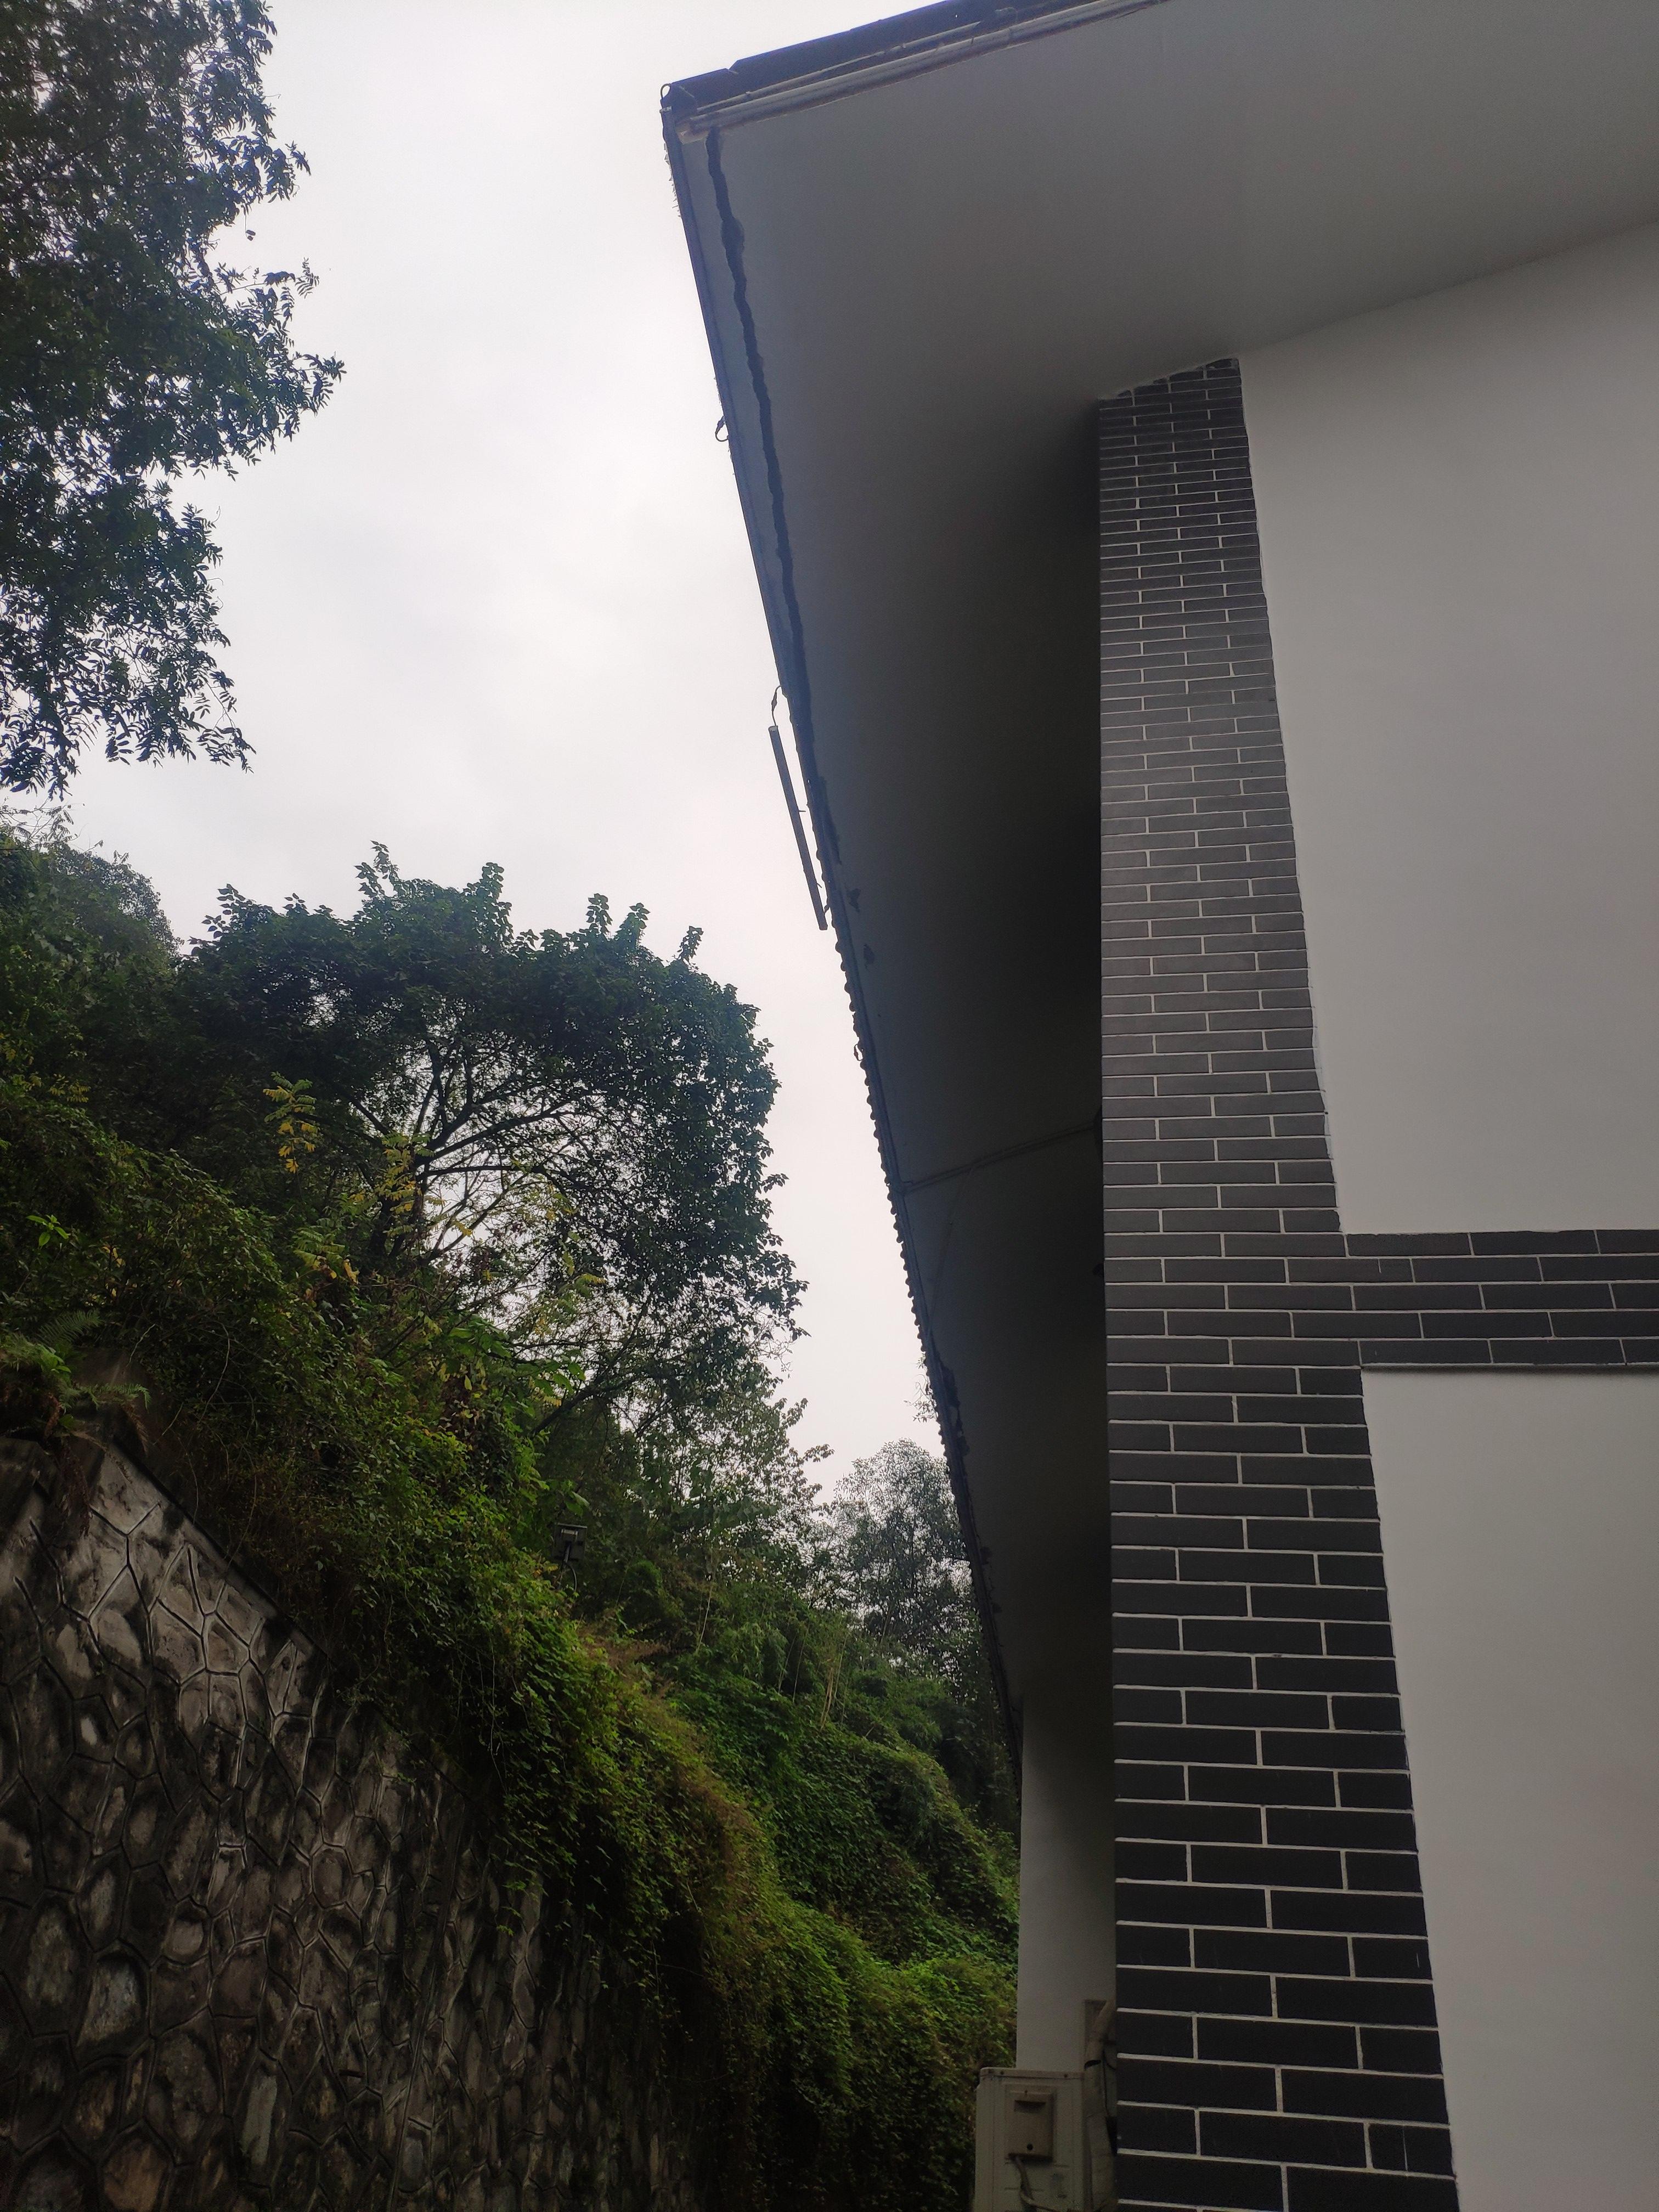 坡屋面斜挑板结构层开裂,请教该怎么处理